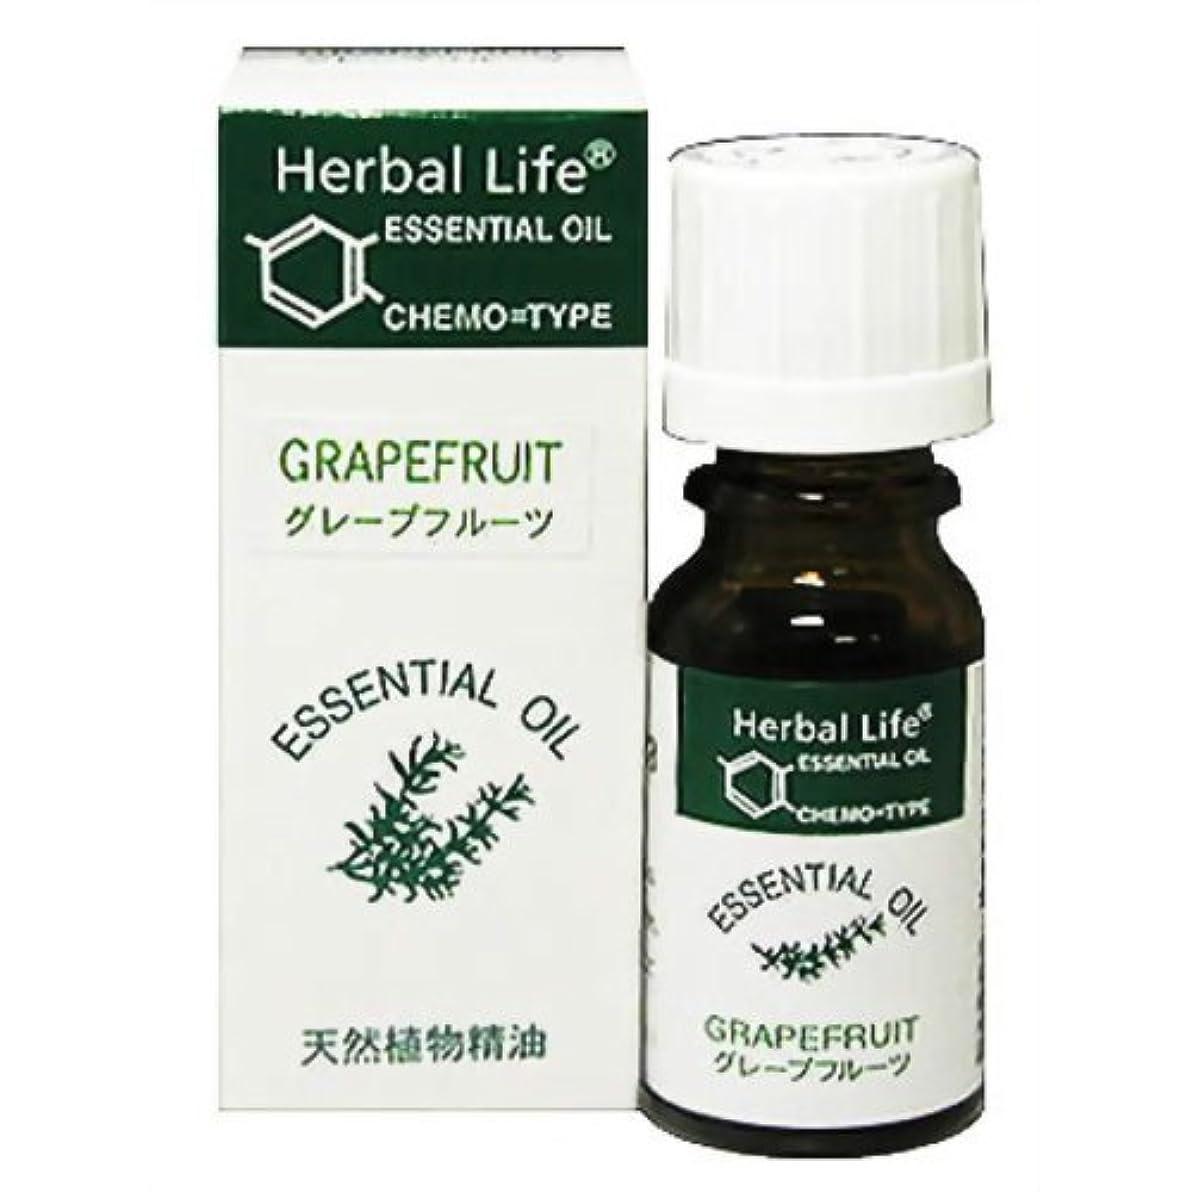 一般化するアシュリータファーマン真実に生活の木 Herbal Life グレープフルーツ 10ml